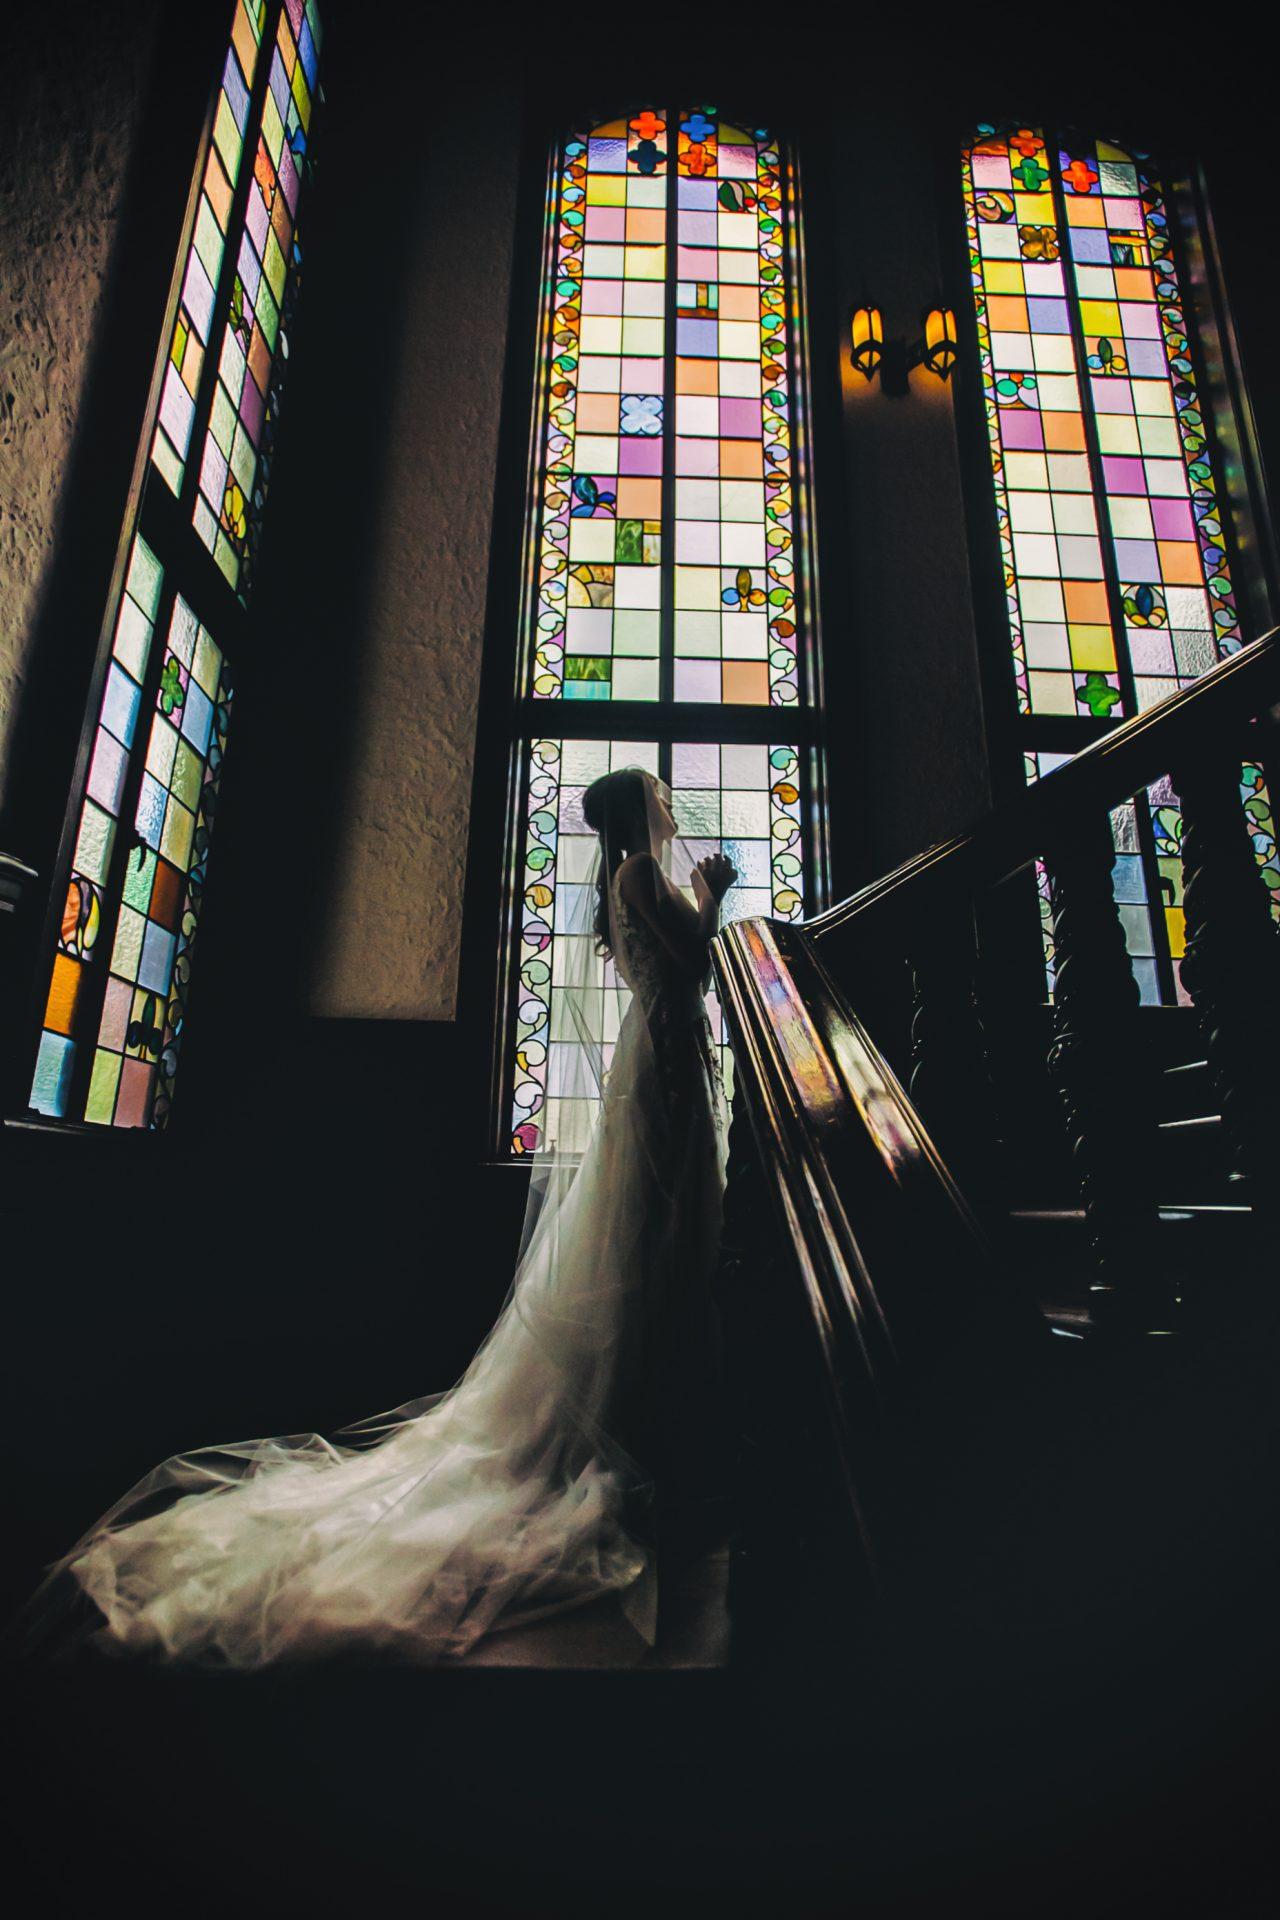 歴史あるステンドグラスの前での撮影は赤坂プリンスクラシックハウスハウスの人気フォトスポットで、ザ・トリート・ドレッシングでもステンドグラスや螺旋階段に映えるインポートドレスをご紹介させていただきます